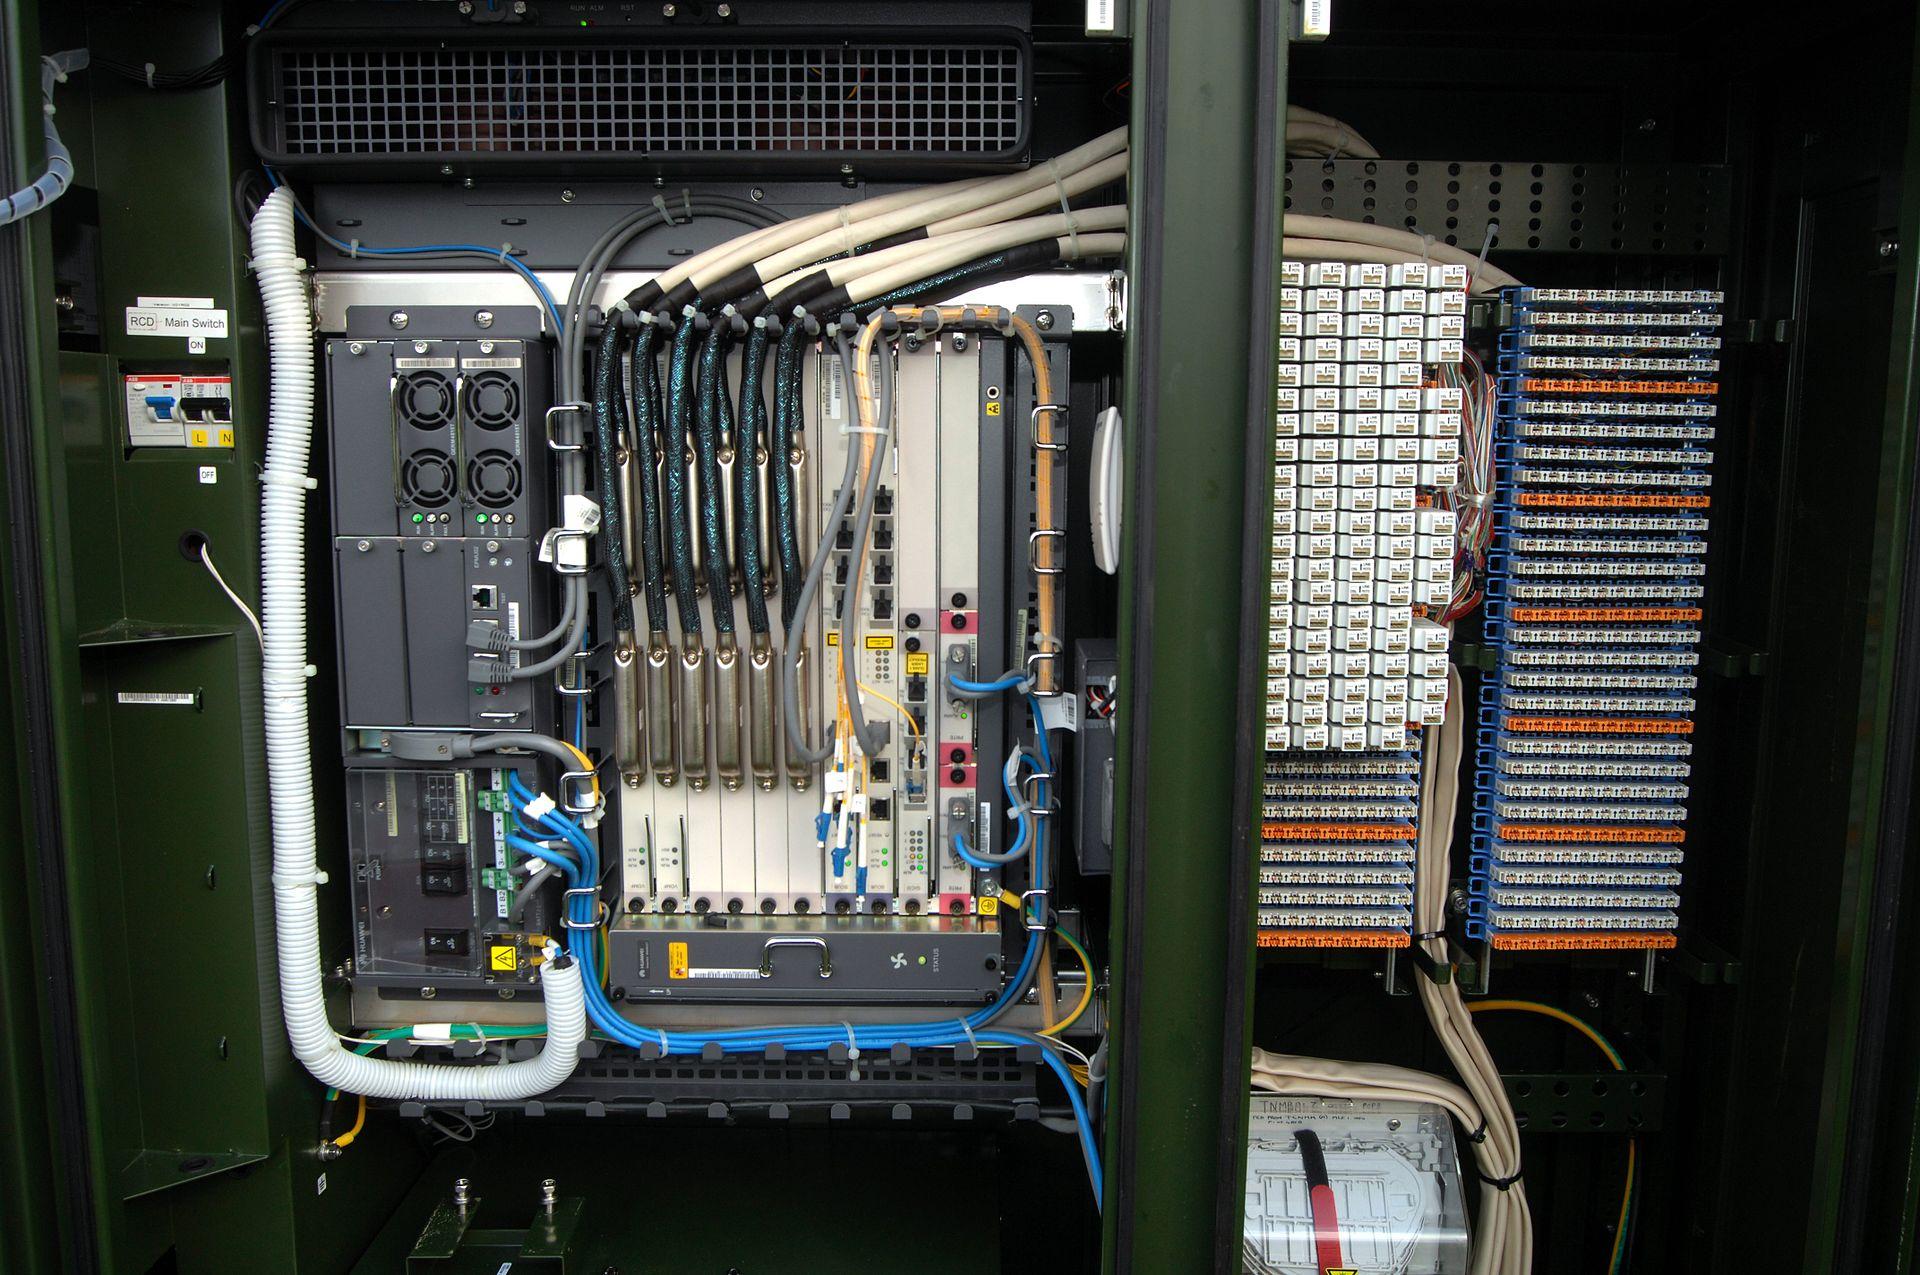 تکنولوژی اف تی تی ایکس و کاربرد های FTTX